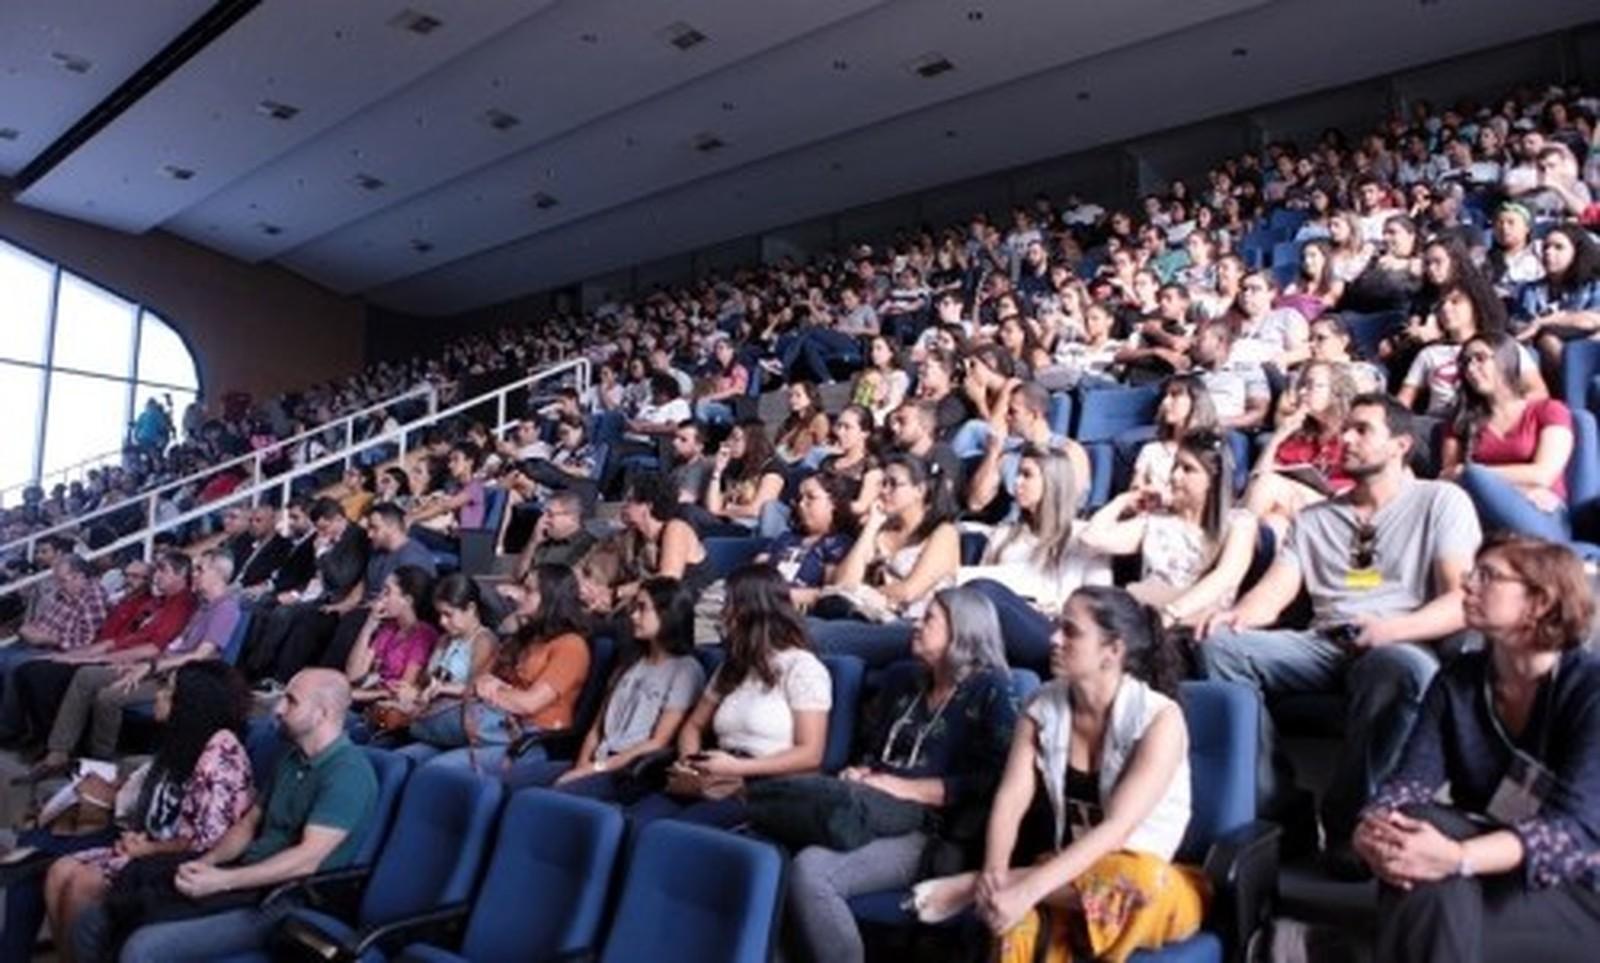 Congresso de iniciação científica e tecnológica é realizado até sexta na Uenf, em Campos, no RJ